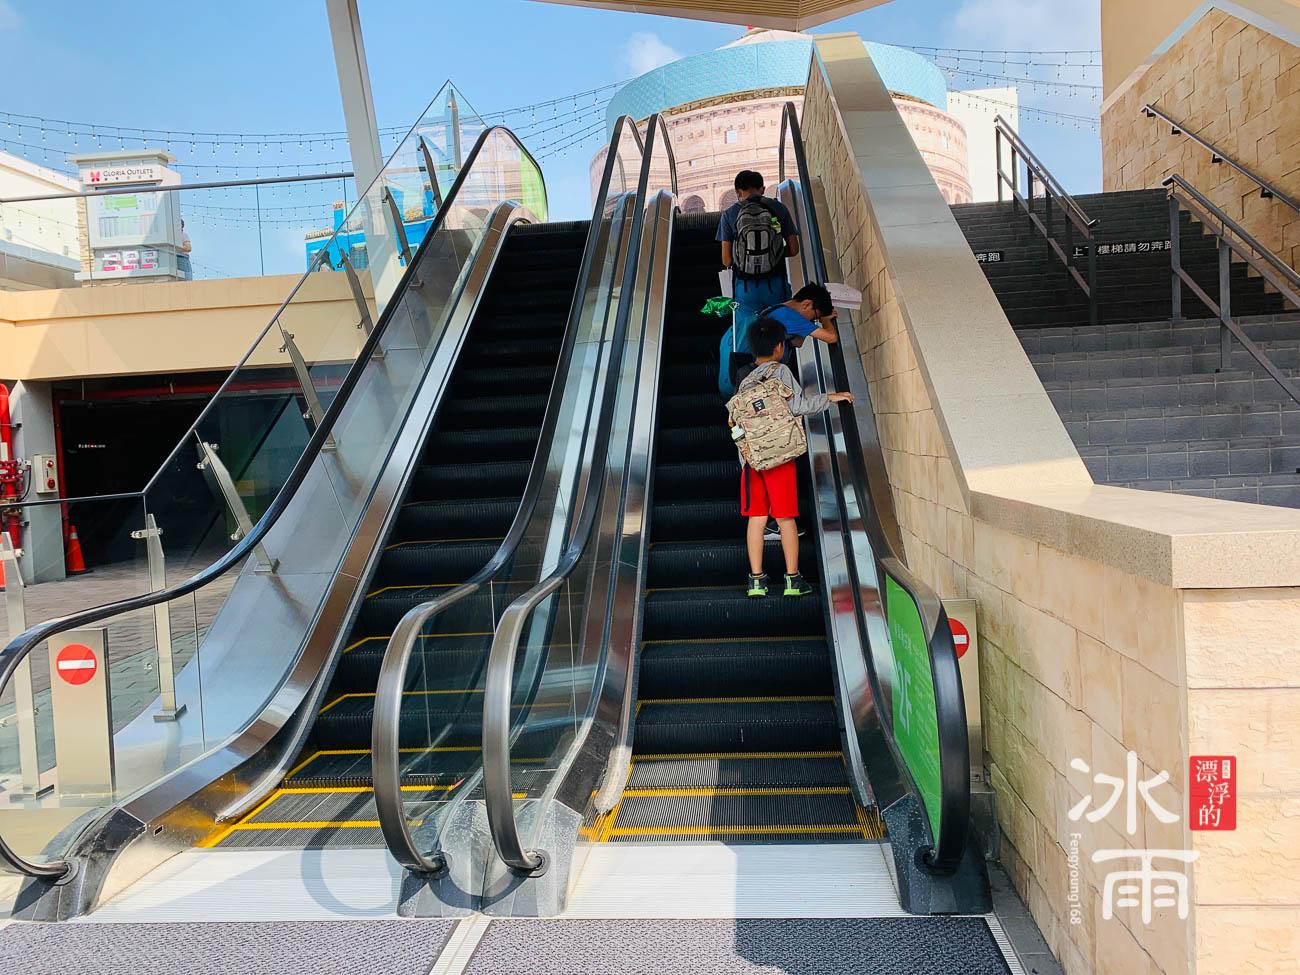 華泰名品城 停車場上二樓手扶梯